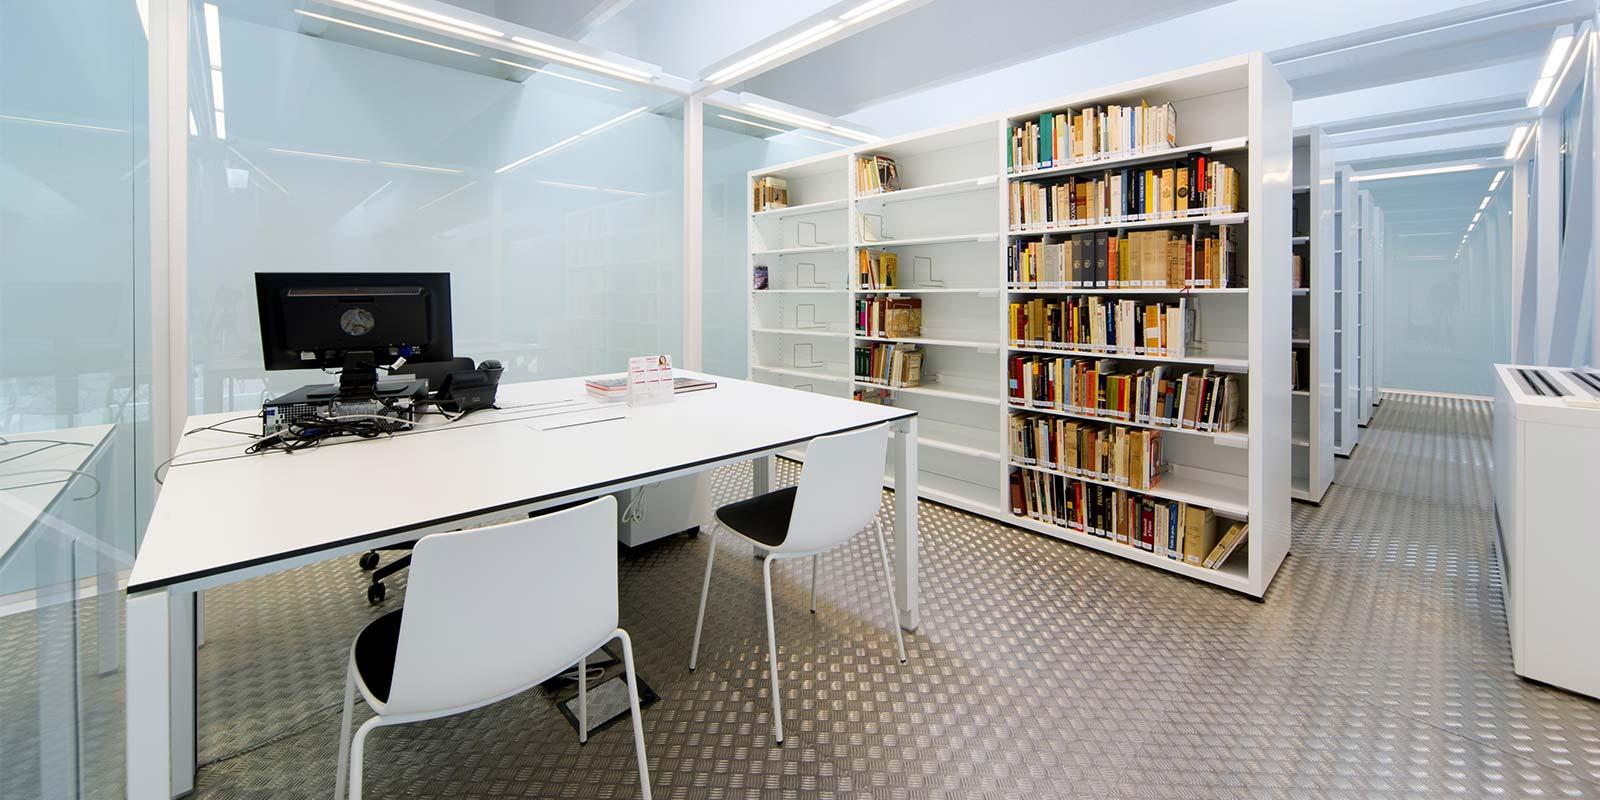 Biblioteca de Reus 1